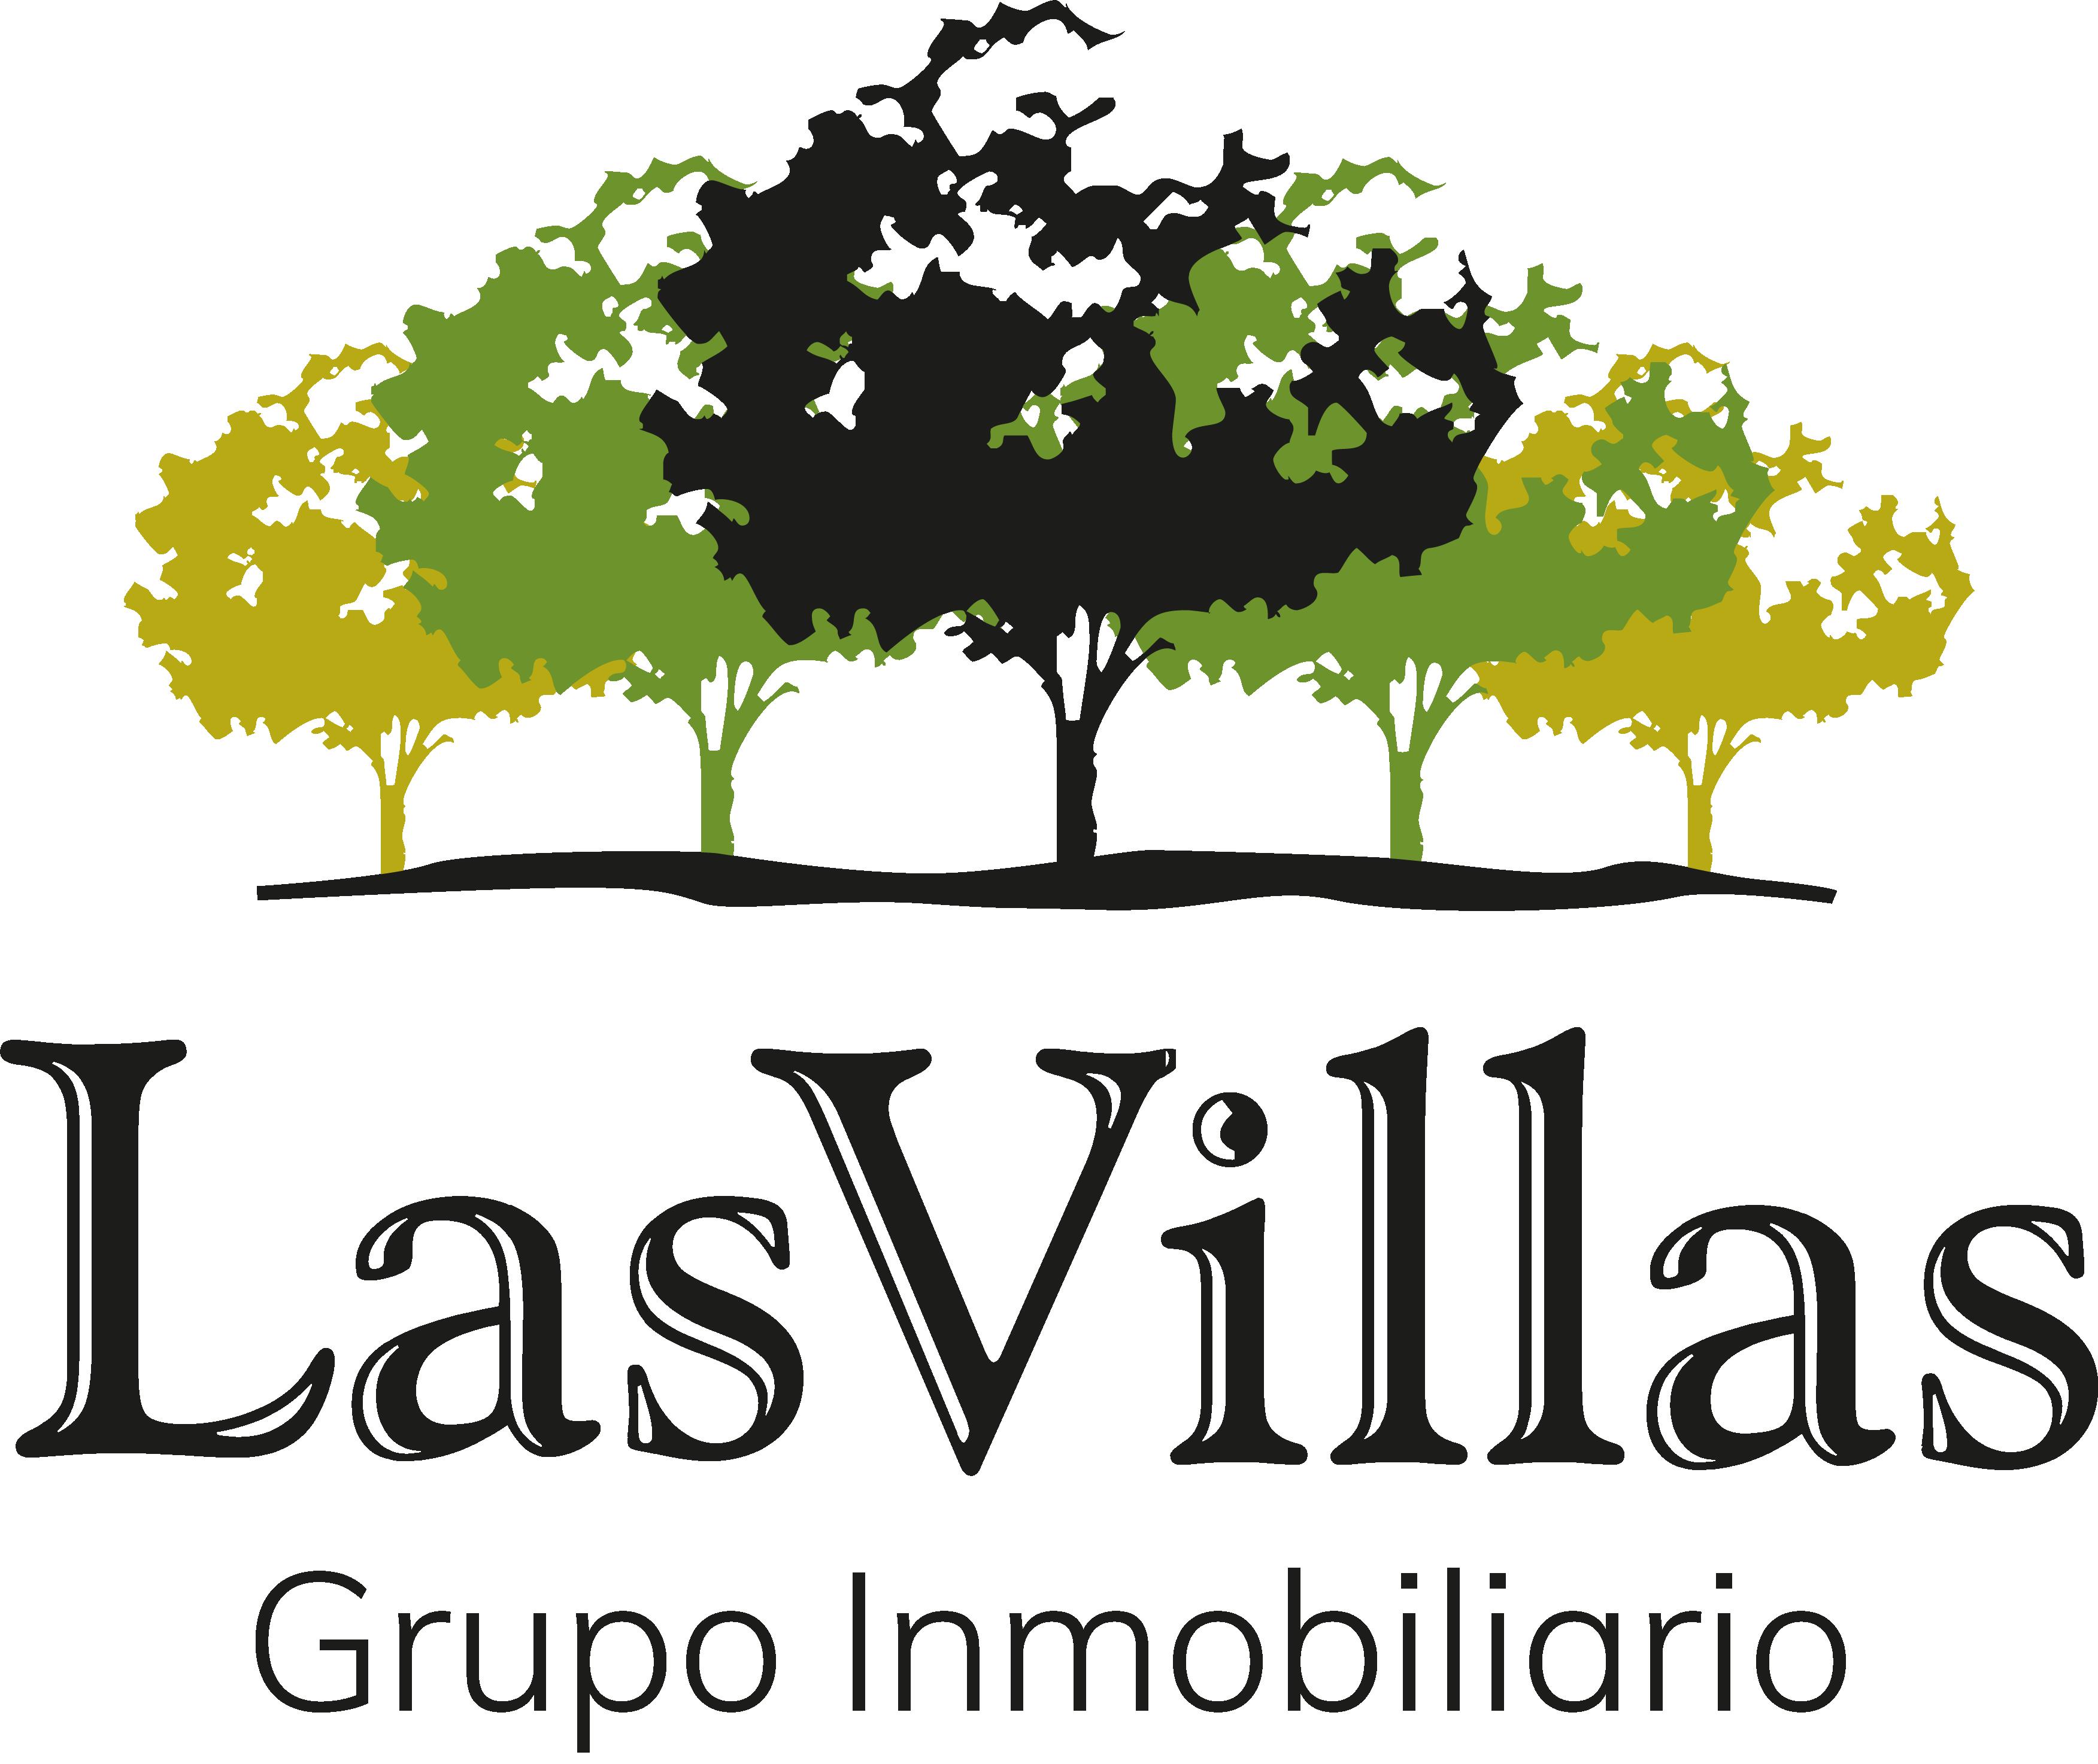 Logotipo Las Villas Grupo Inmobiliario